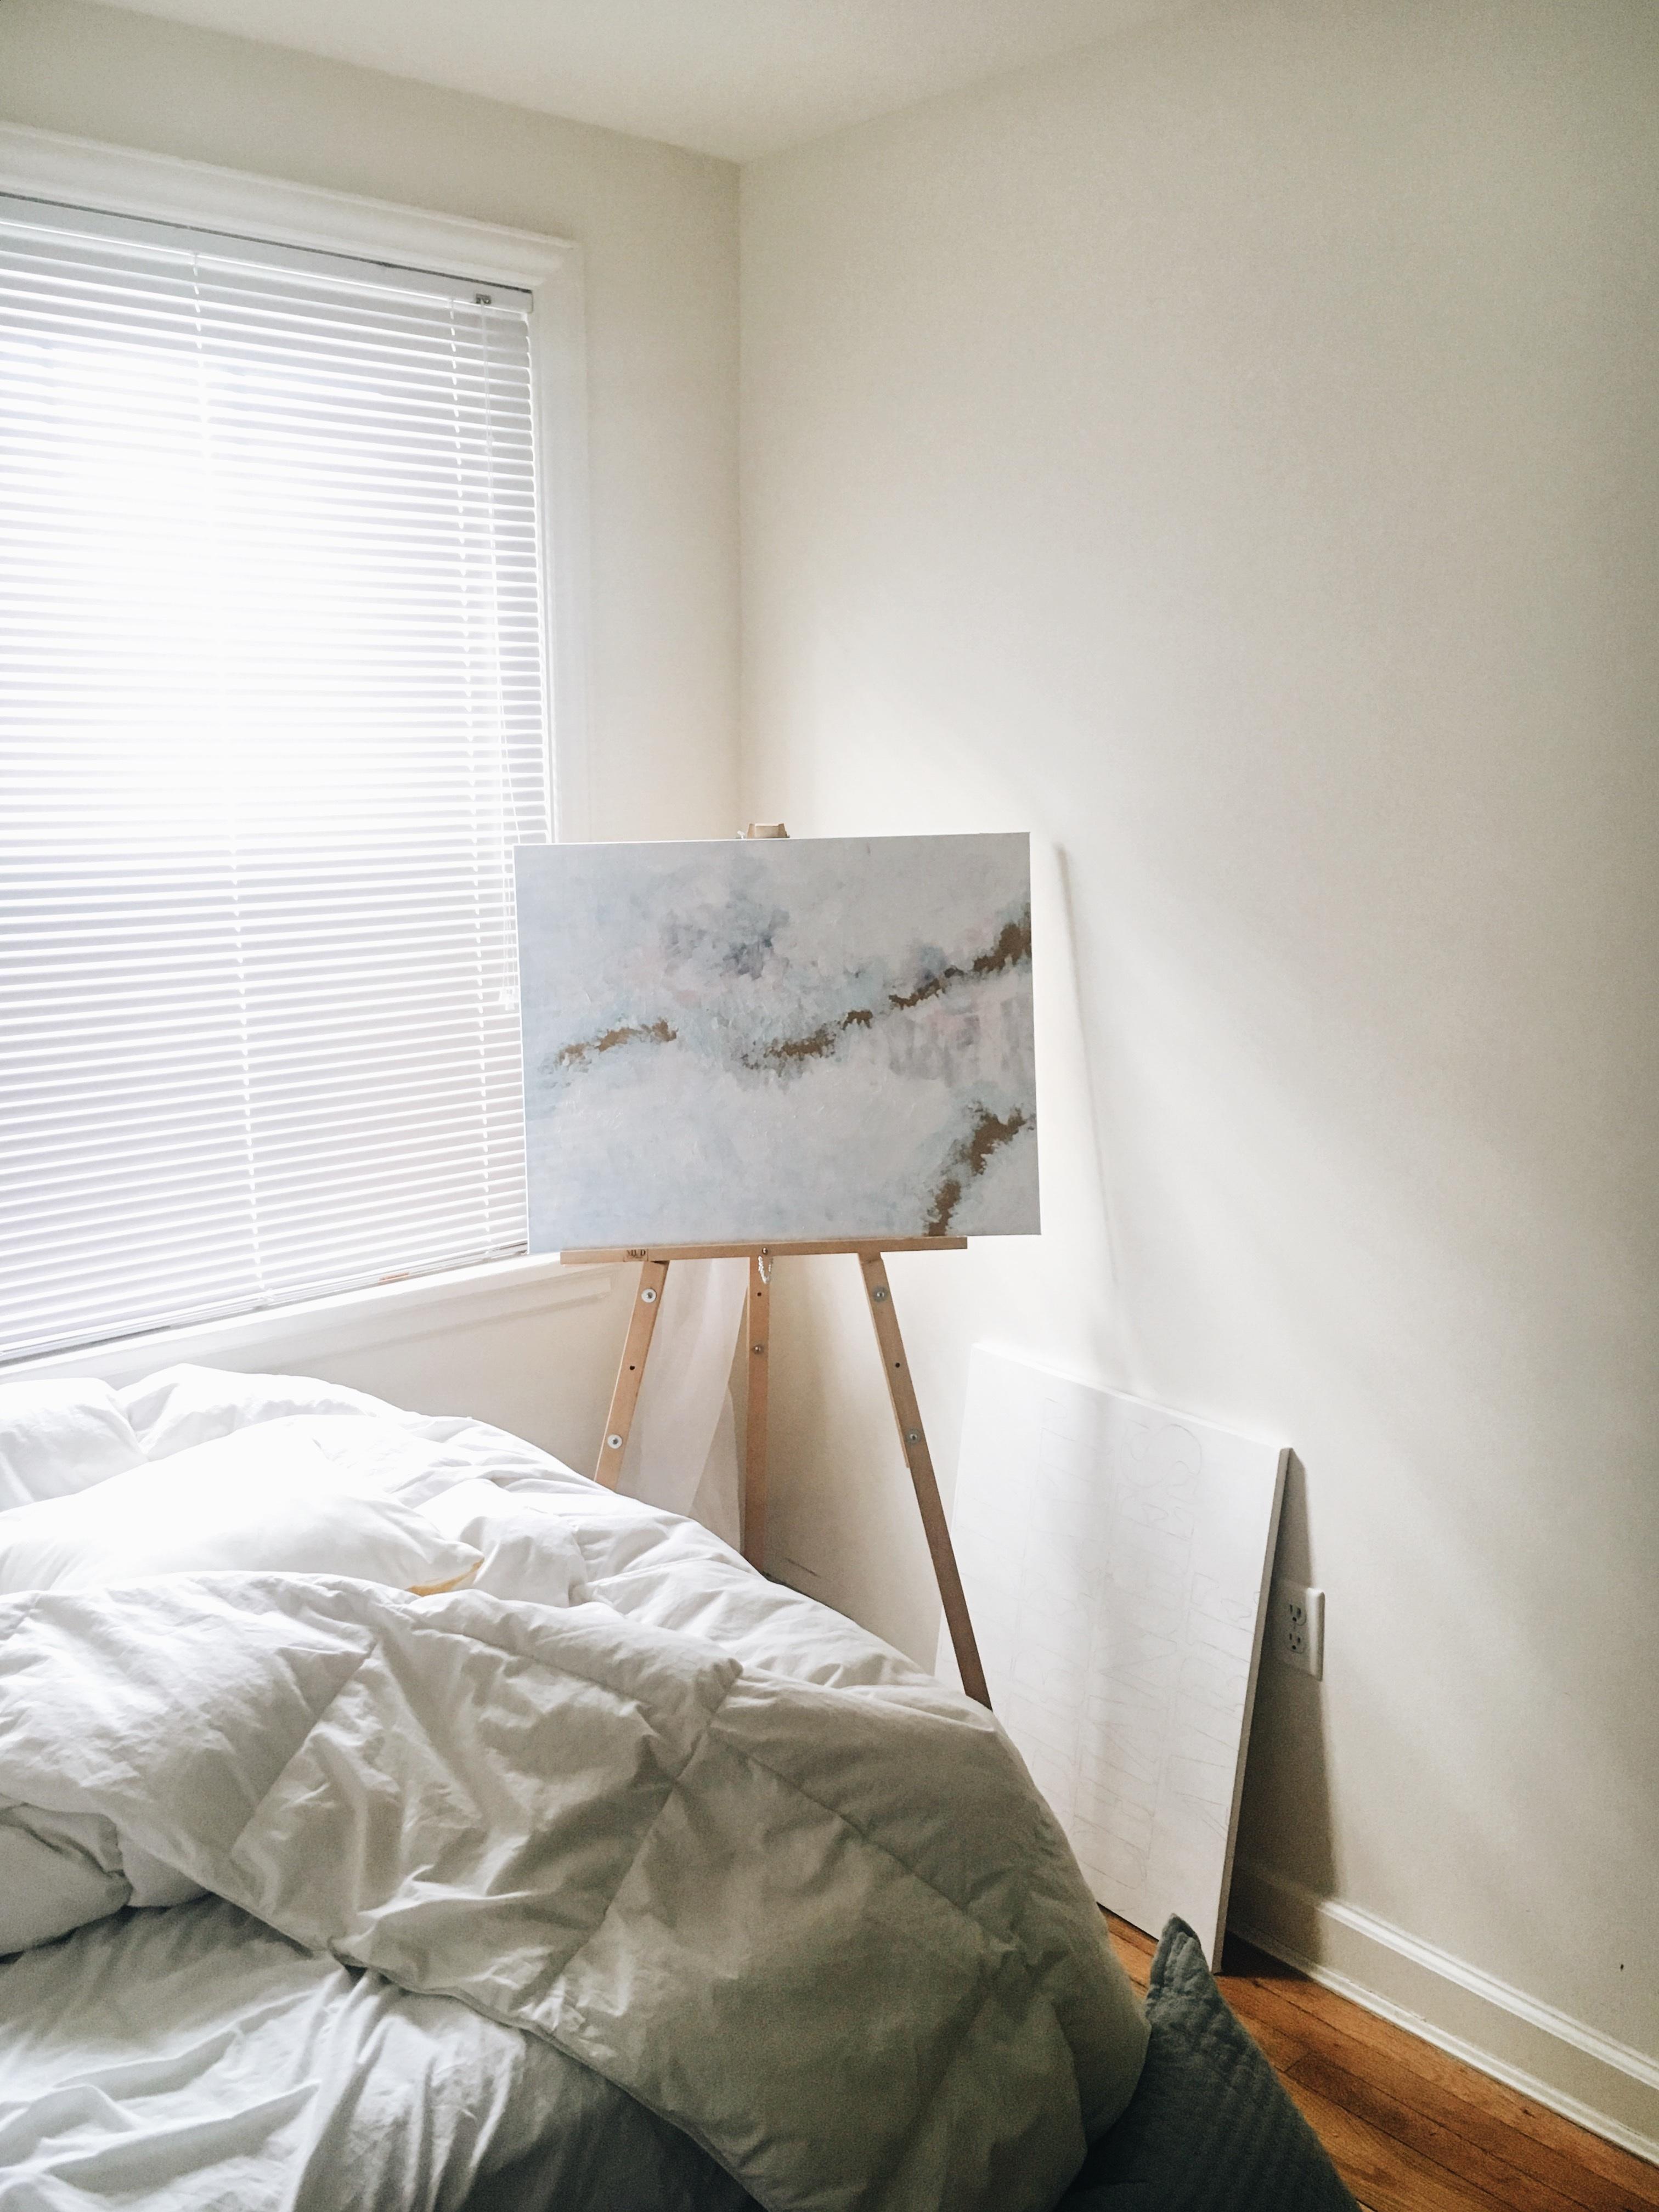 Bakgrundsbilder trä, golv, Hem, vägg, stuga, vardagsrum, möbel, rum, sovrum, lägenhet